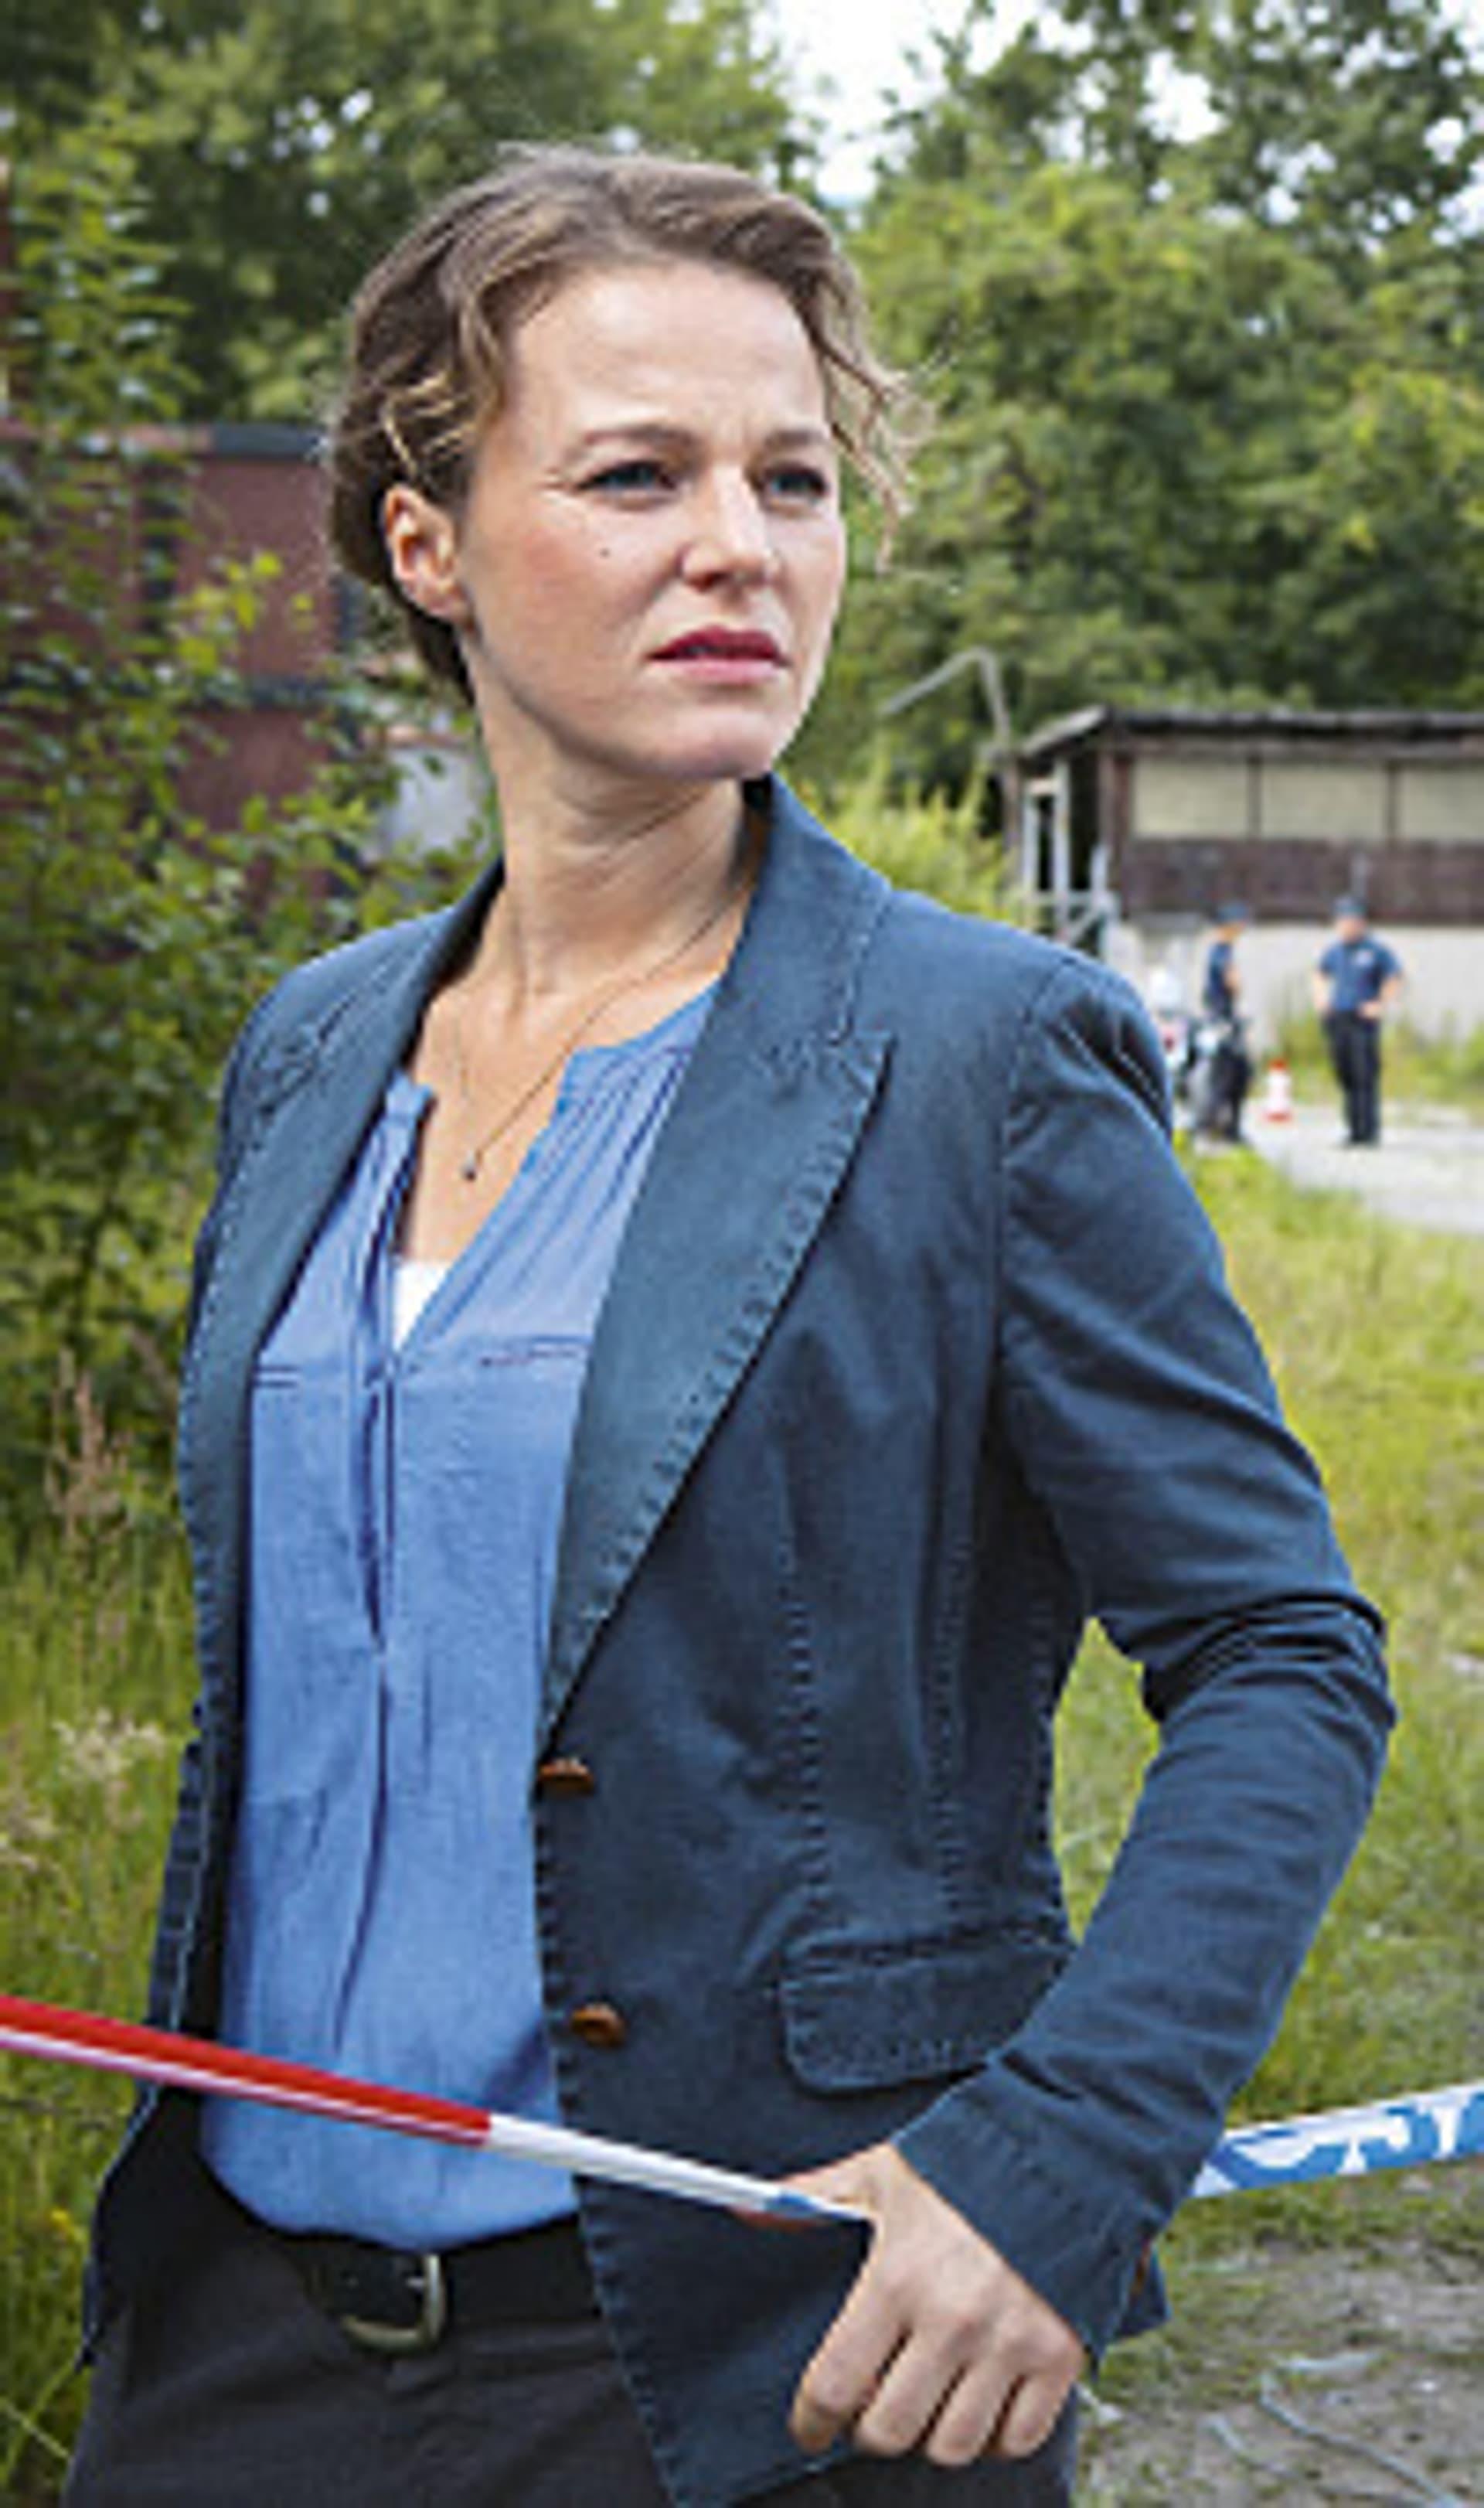 Maria Simon als Kriminalhauptkommissarin Olga Lenski im Polizeiruf 110 vor einer Absperrung stehend.